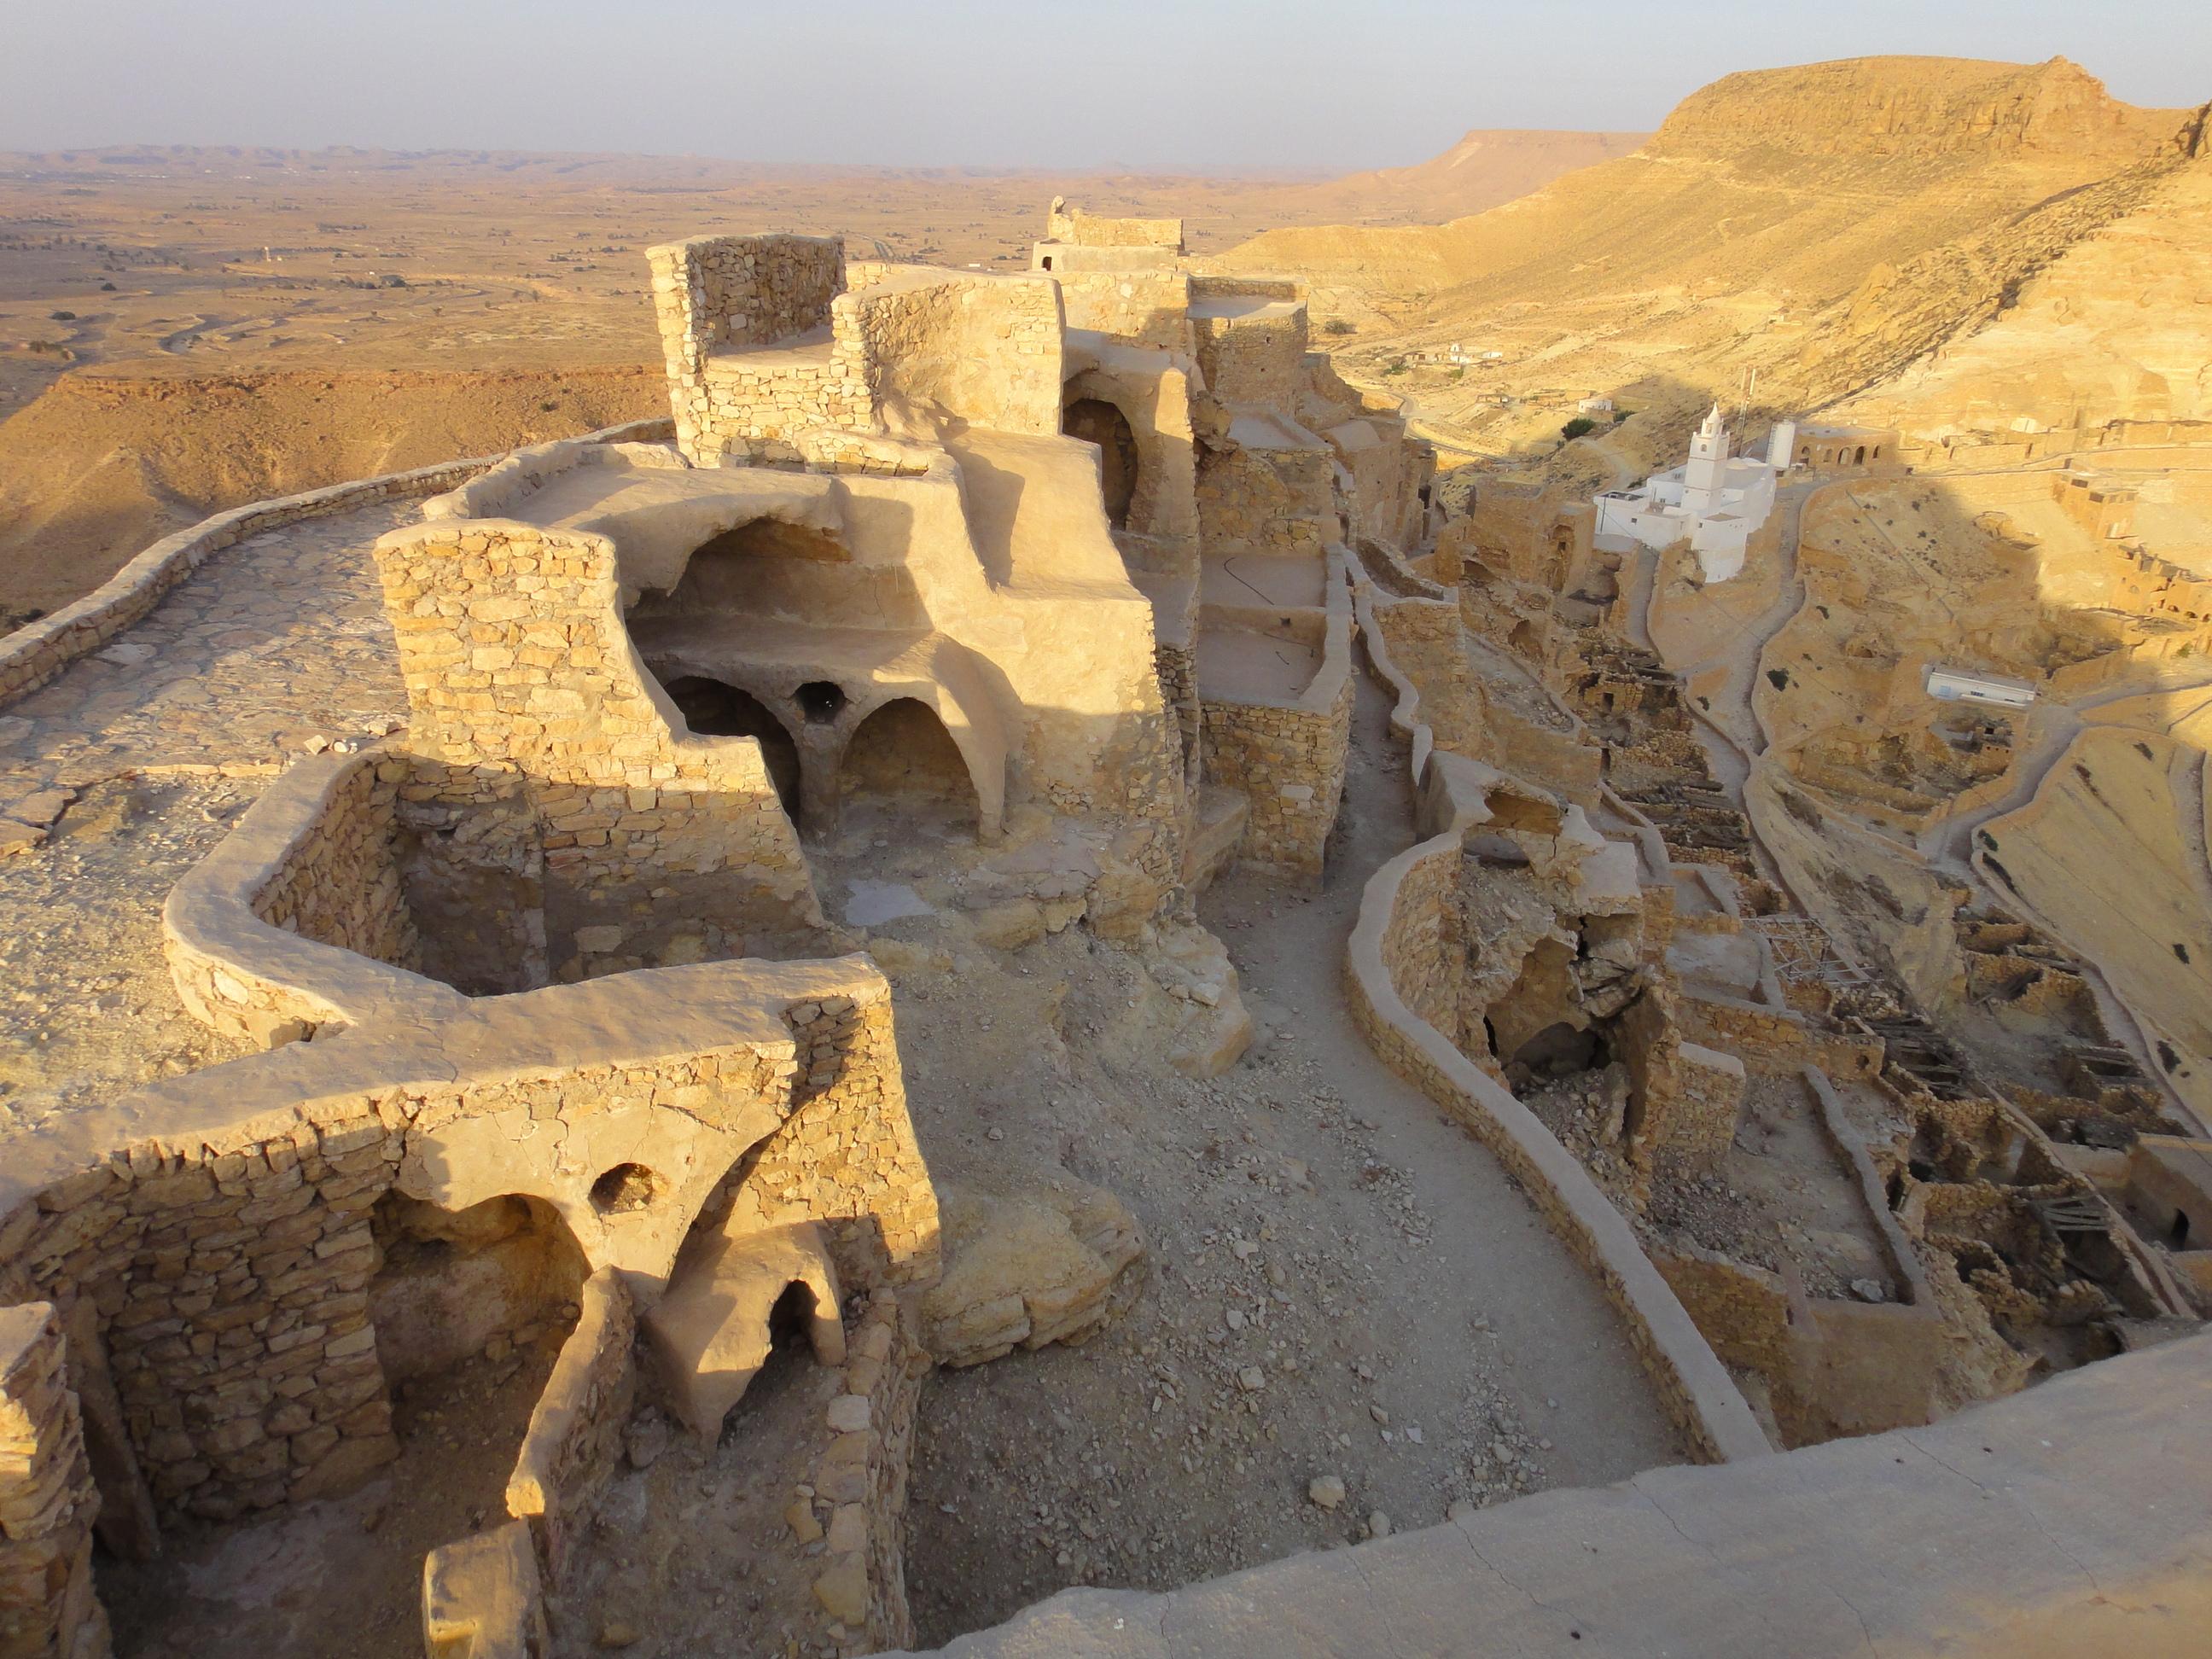 Ruined Hilltop Berber Village of Chenini,